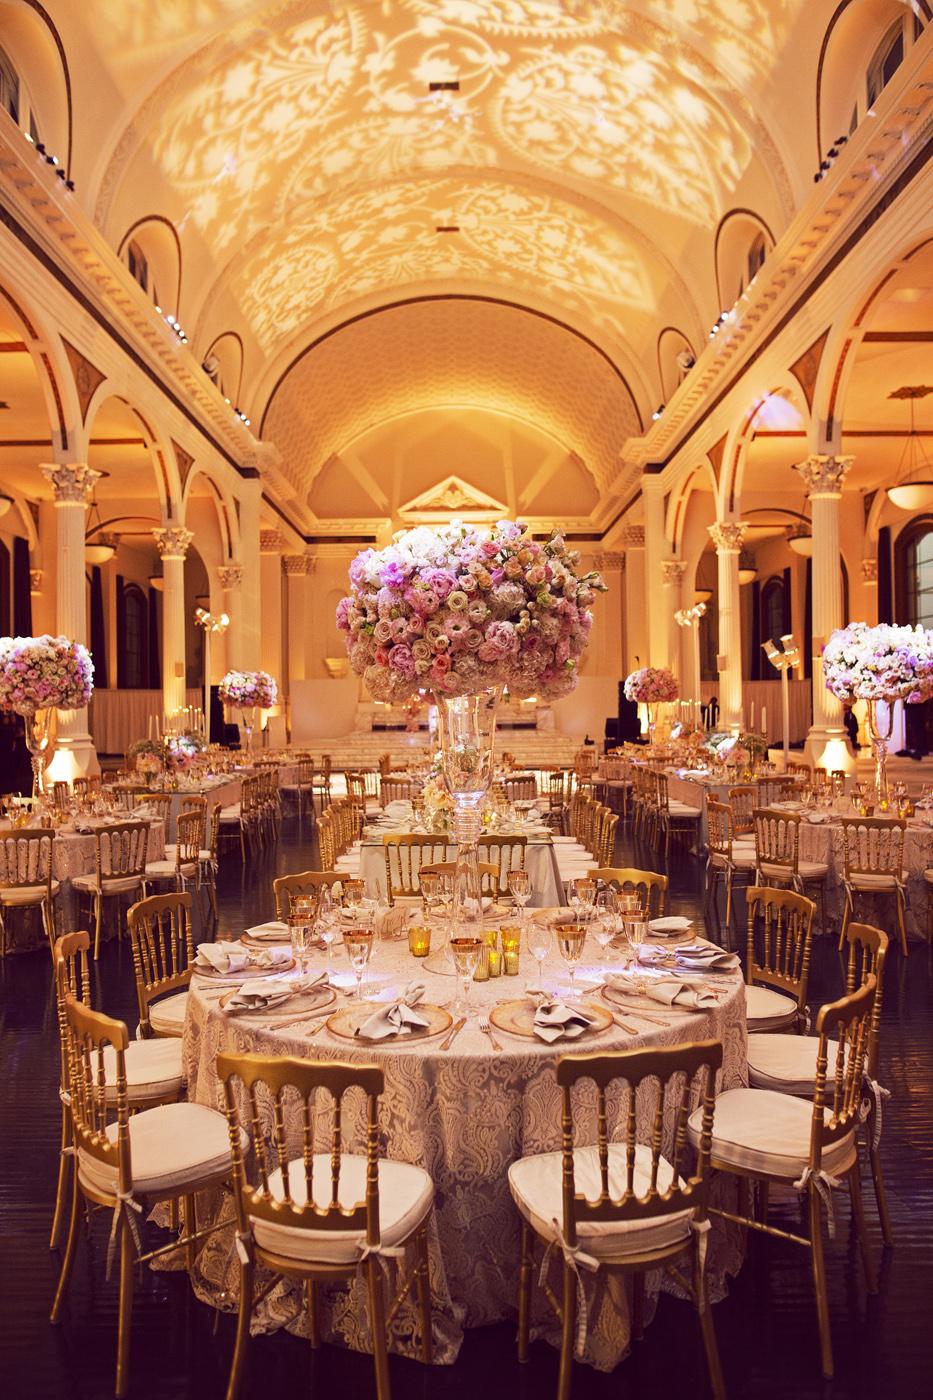 050_DukePhotography_DukeImages_Wedding_Details.jpg